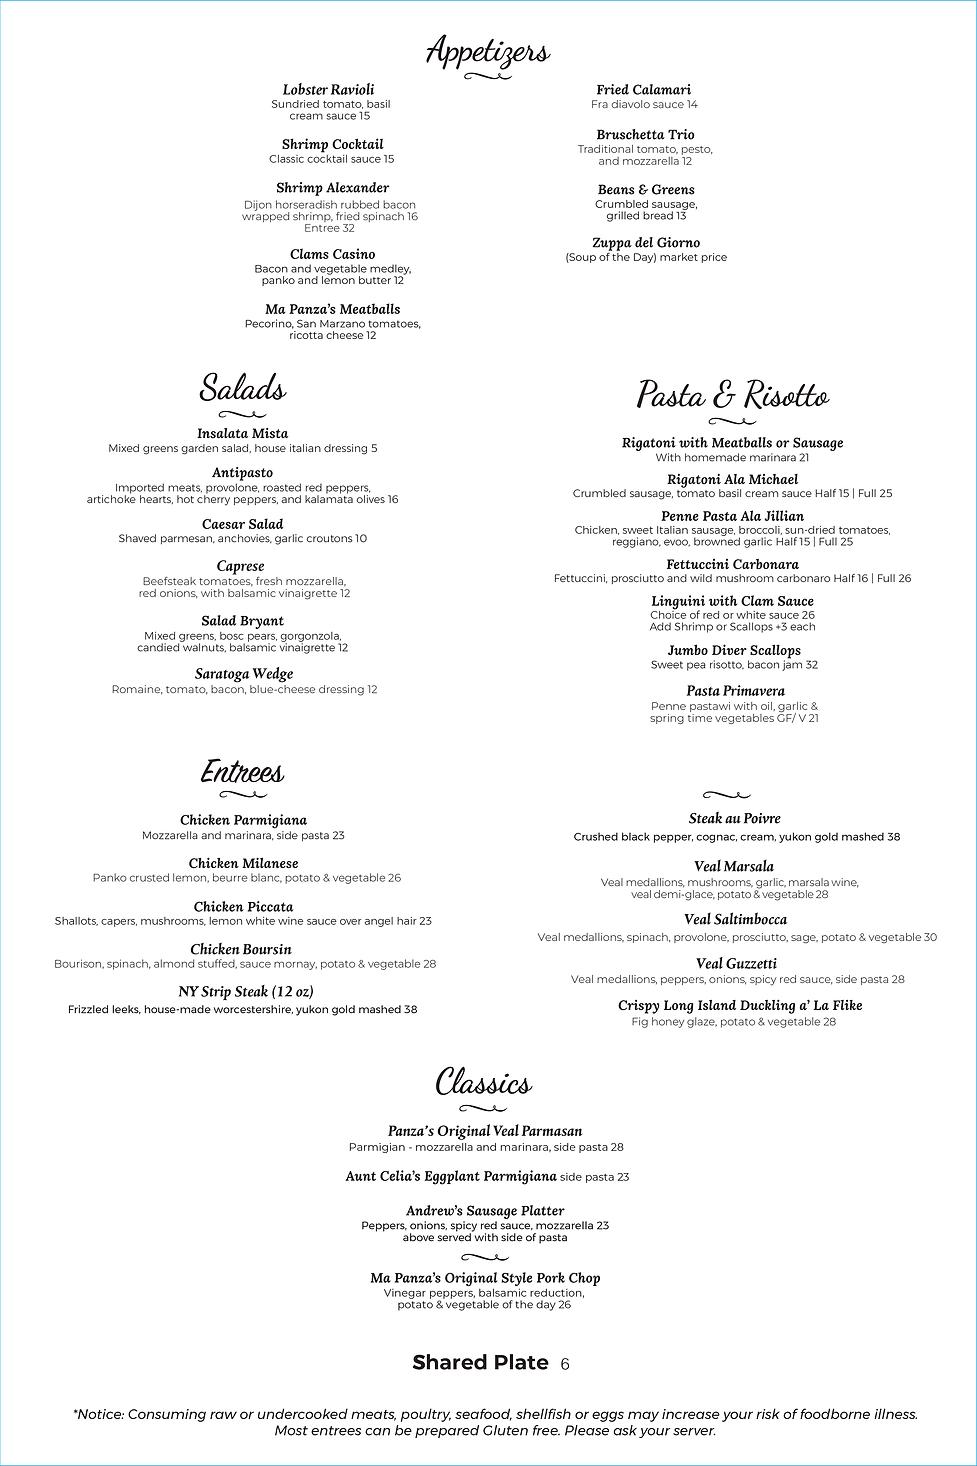 menu 5-11-2020 no tranparency.png